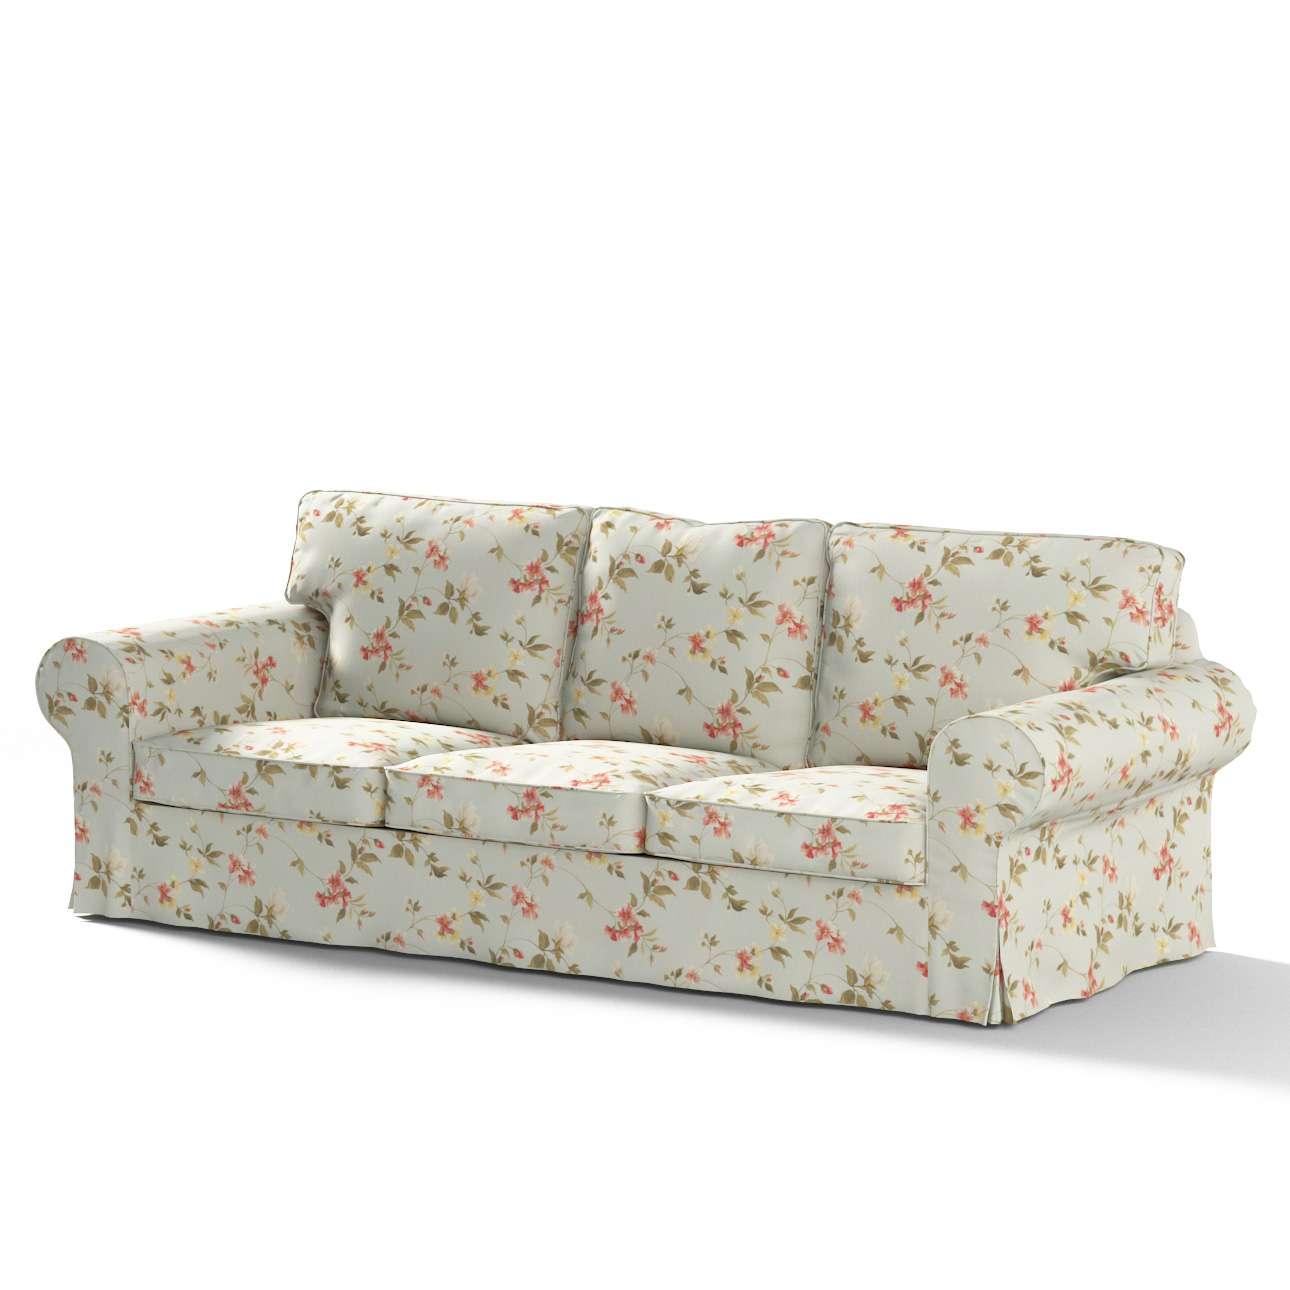 Pokrowiec na sofę Ektorp 3-osobową, rozkładaną w kolekcji Londres, tkanina: 124-65